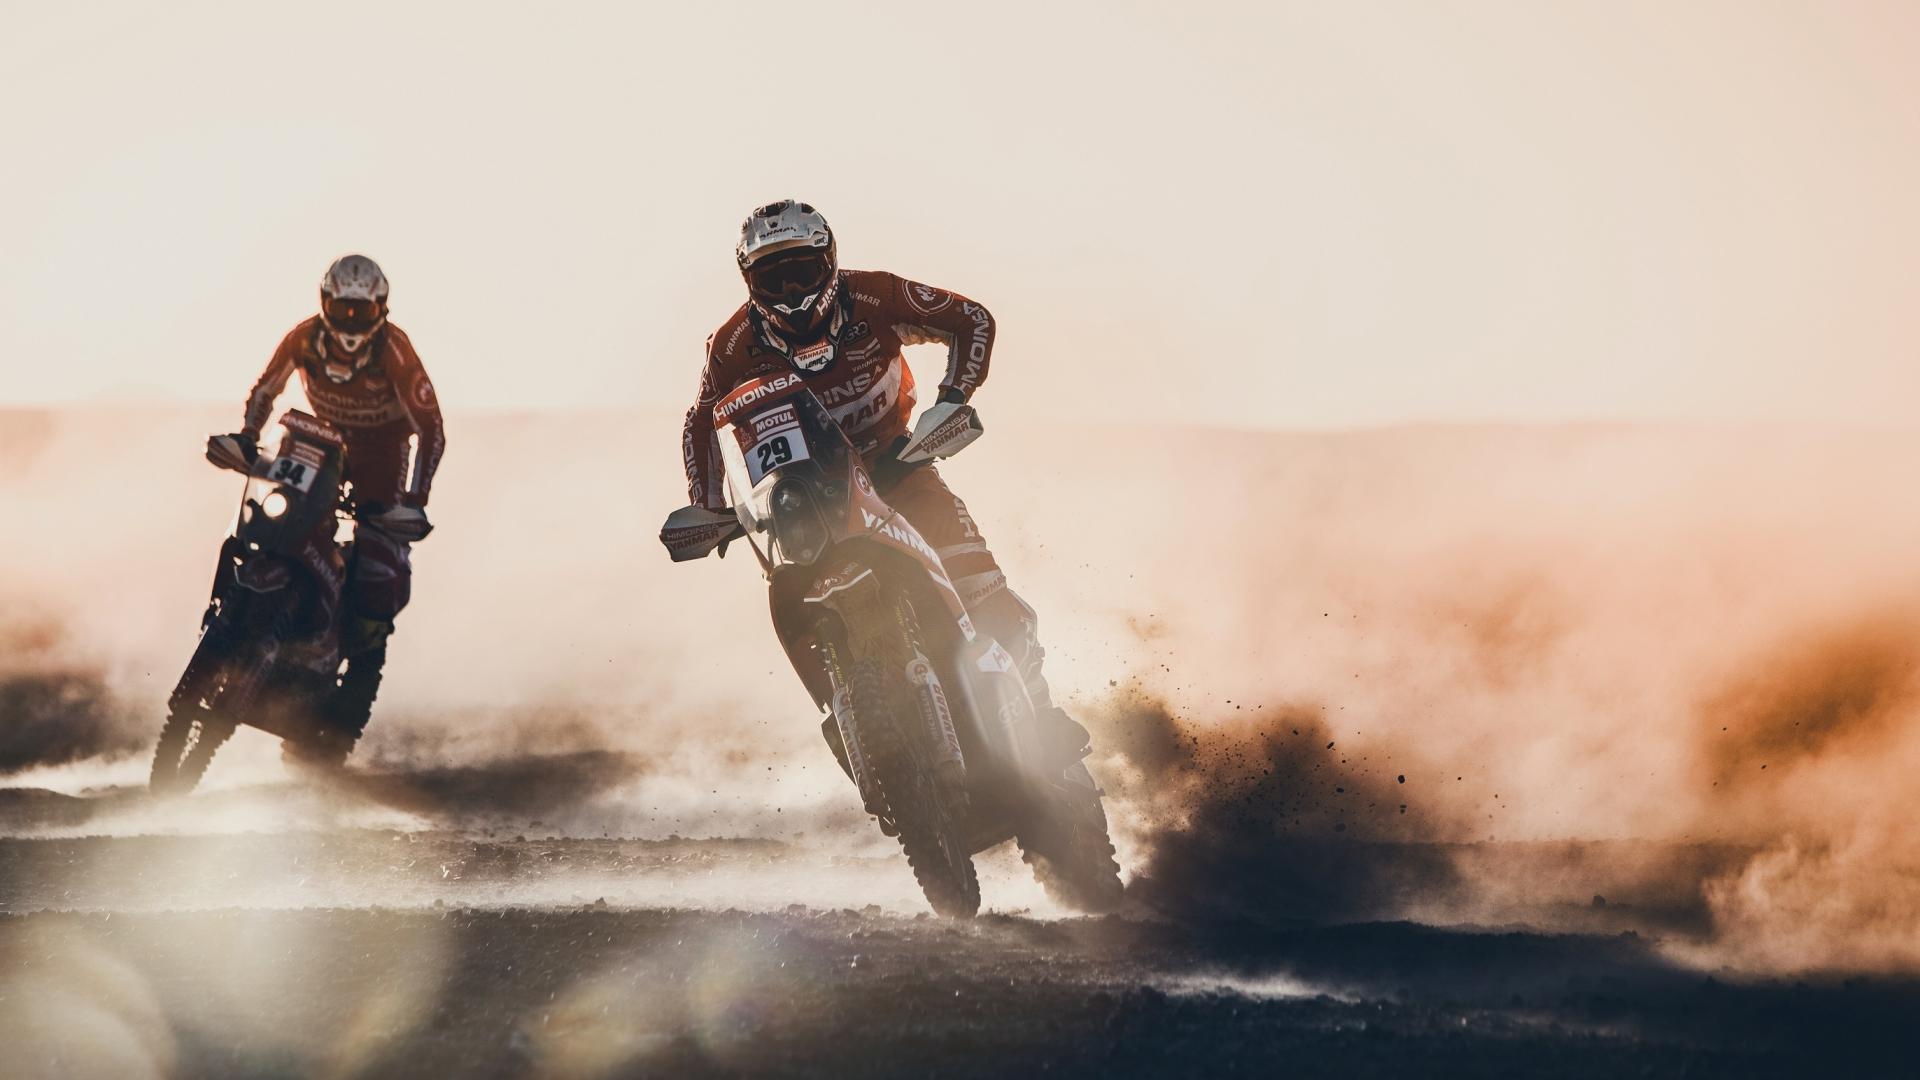 Motos en el Dakar 2018 - 1920x1080